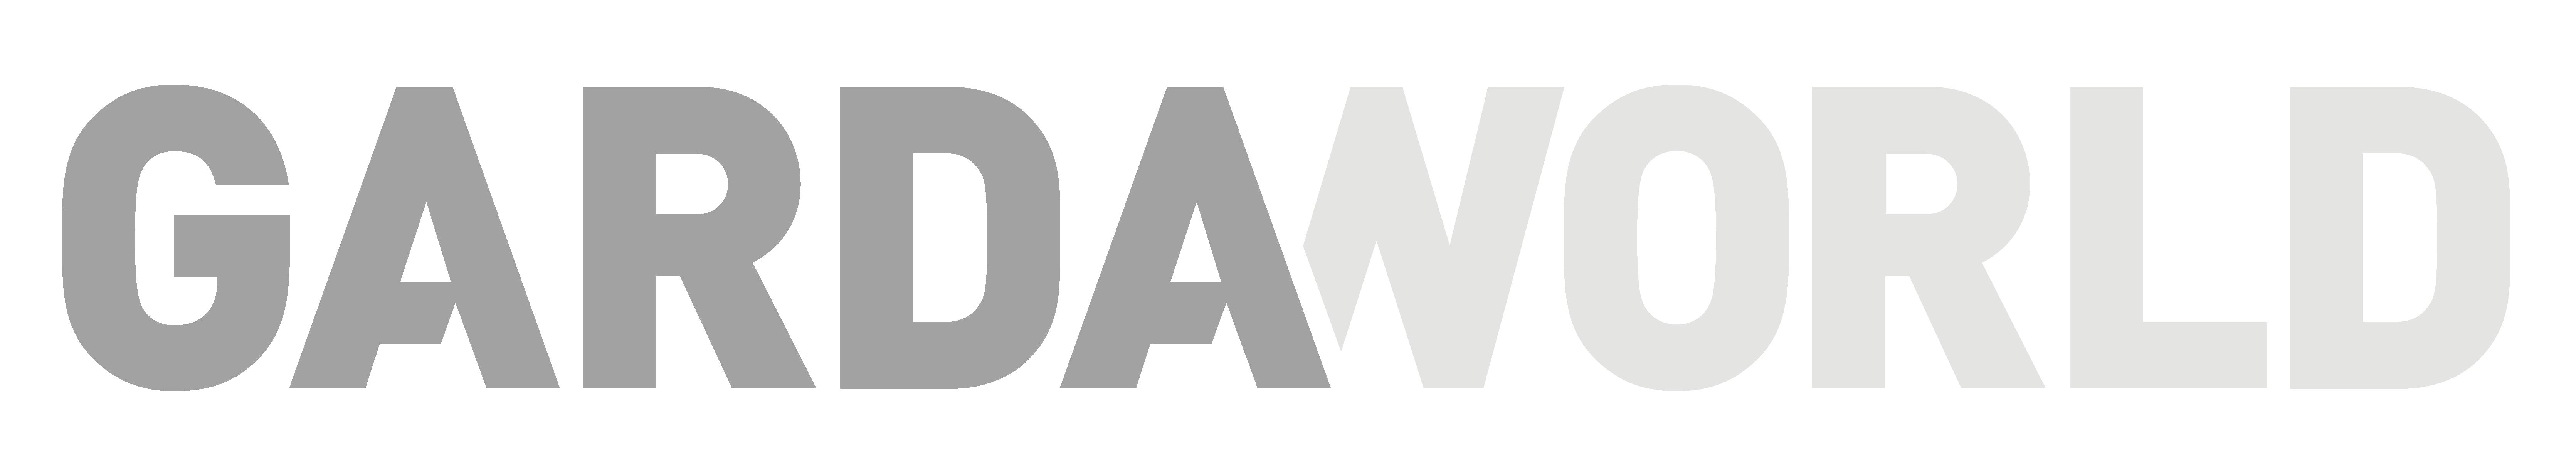 Gardaworld logo in grey